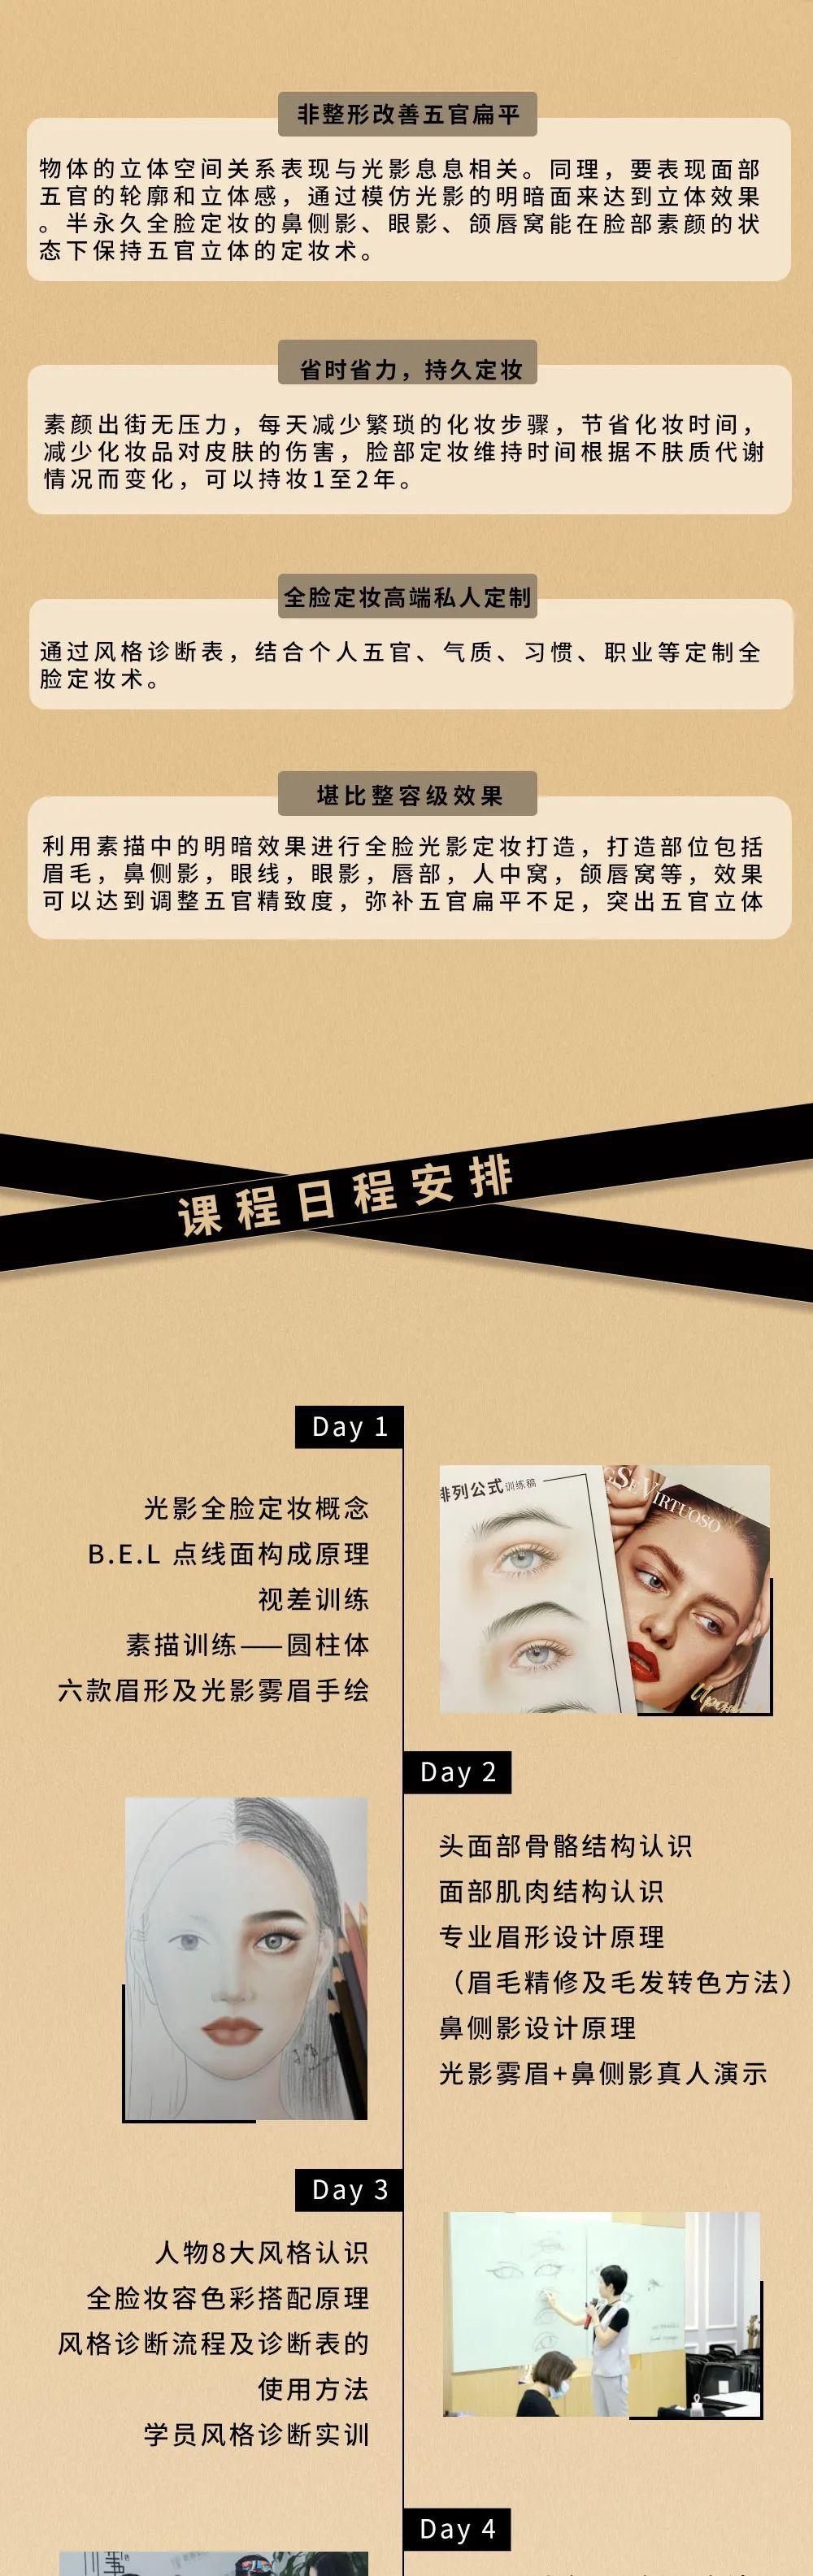 型色美学   课程- 光影全脸定妆大师班 公司新闻 第5张